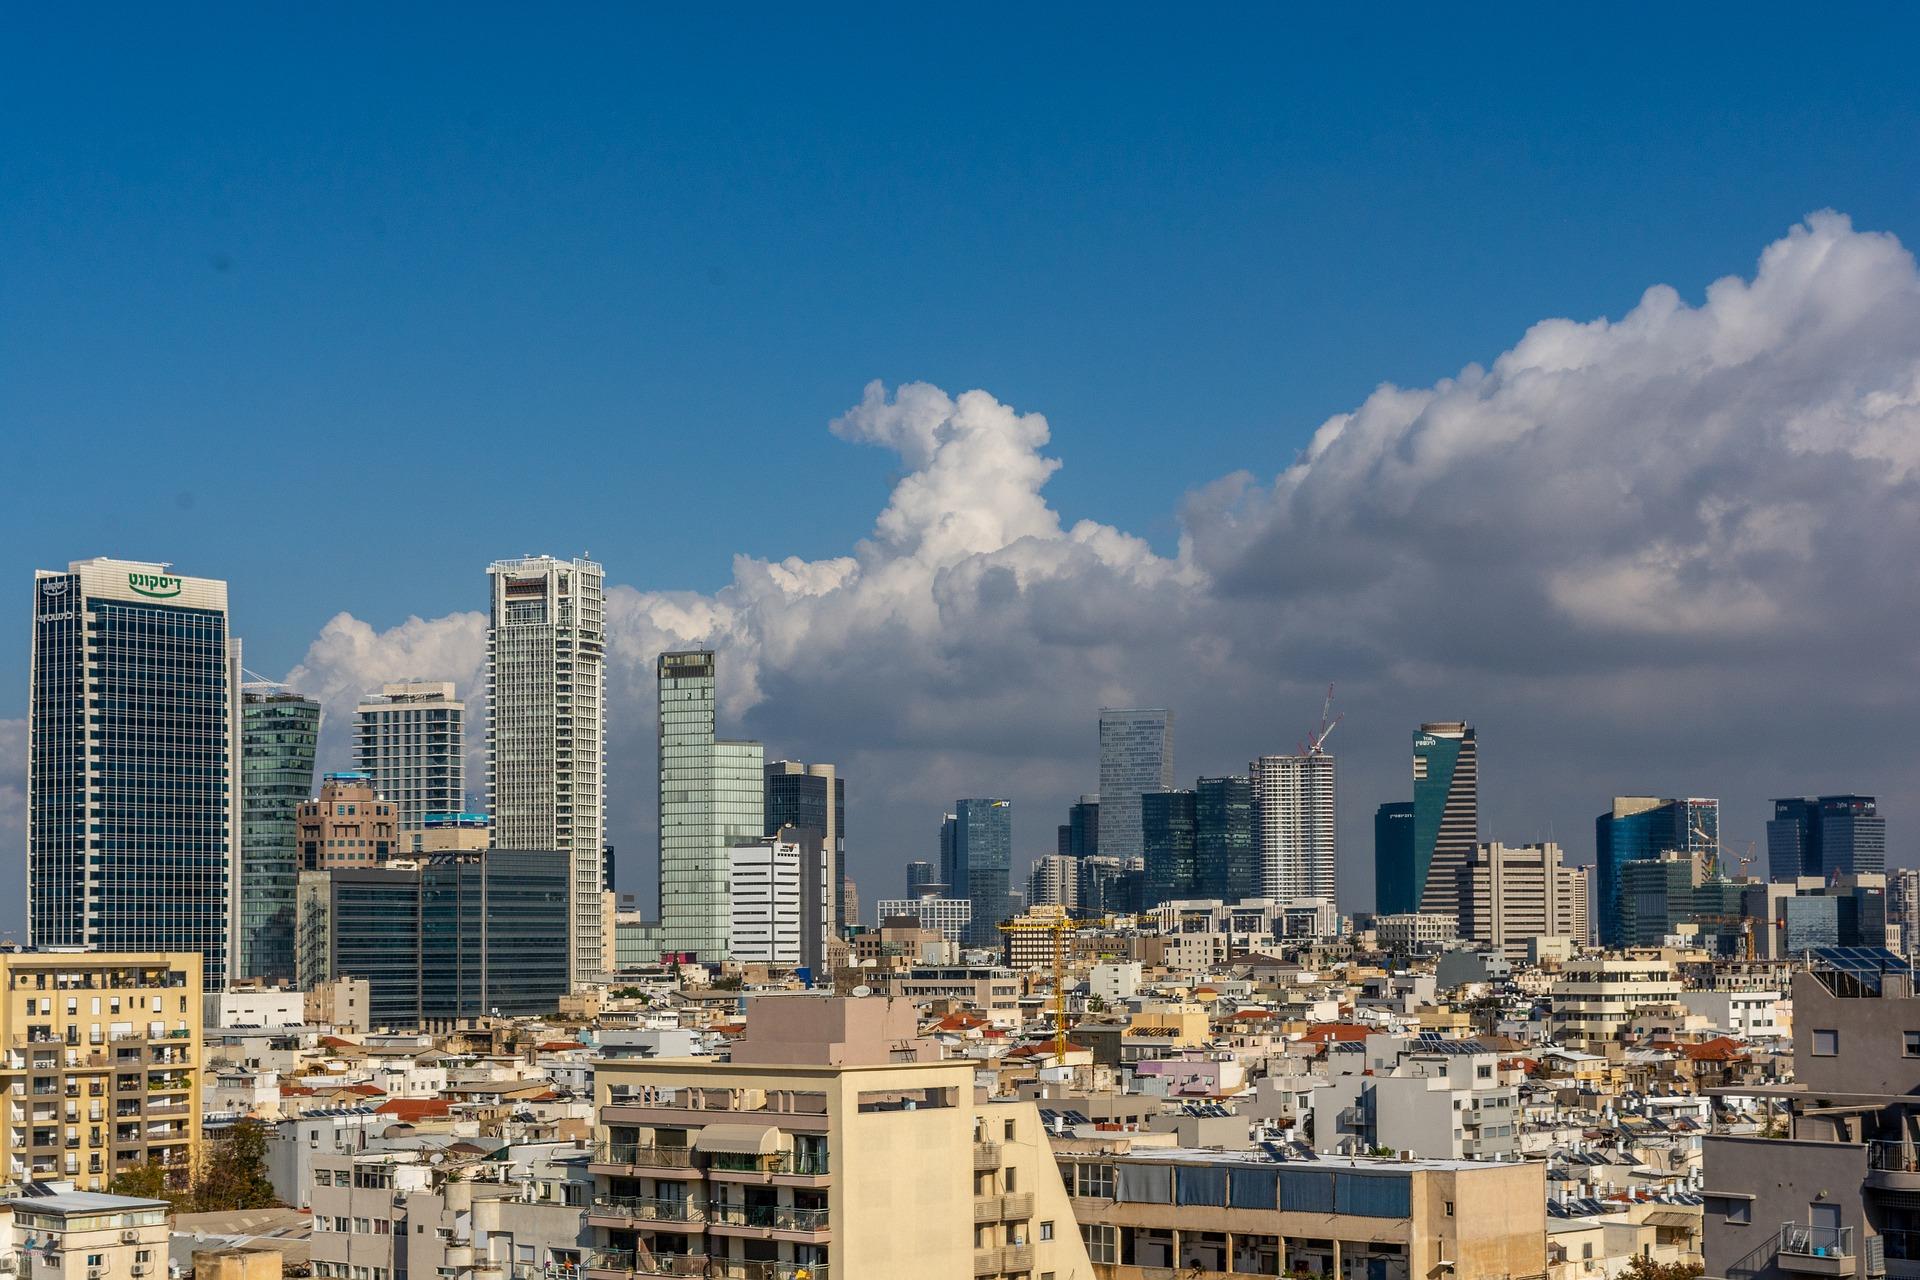 דירה למכירה בתל אביב: המדריך לבחירת דירת החלומות